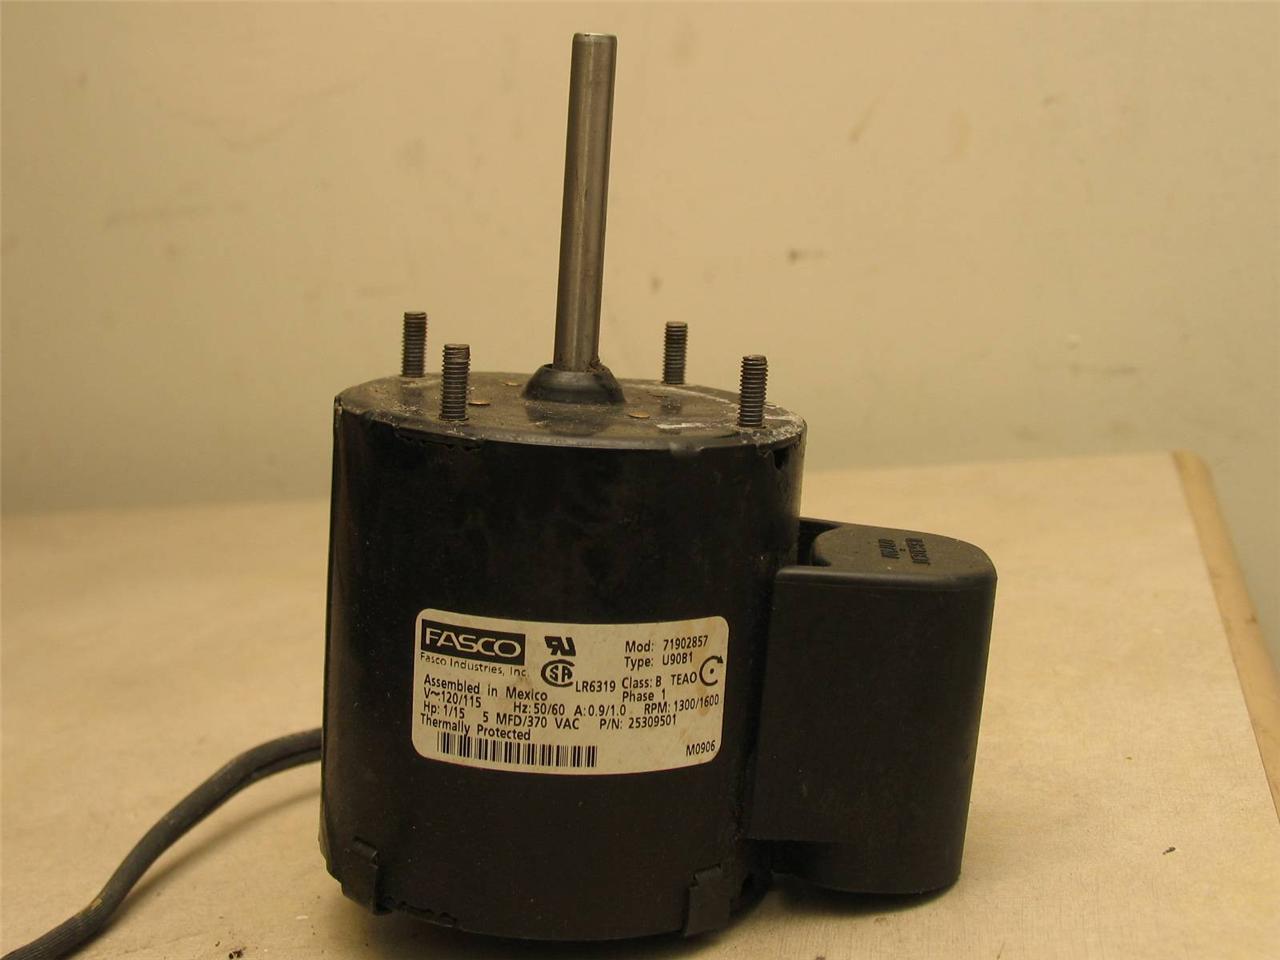 Fasco u90b1 refrigeration fan motor 71902857 1 15hp 1300 for Fasco evaporator fan motor